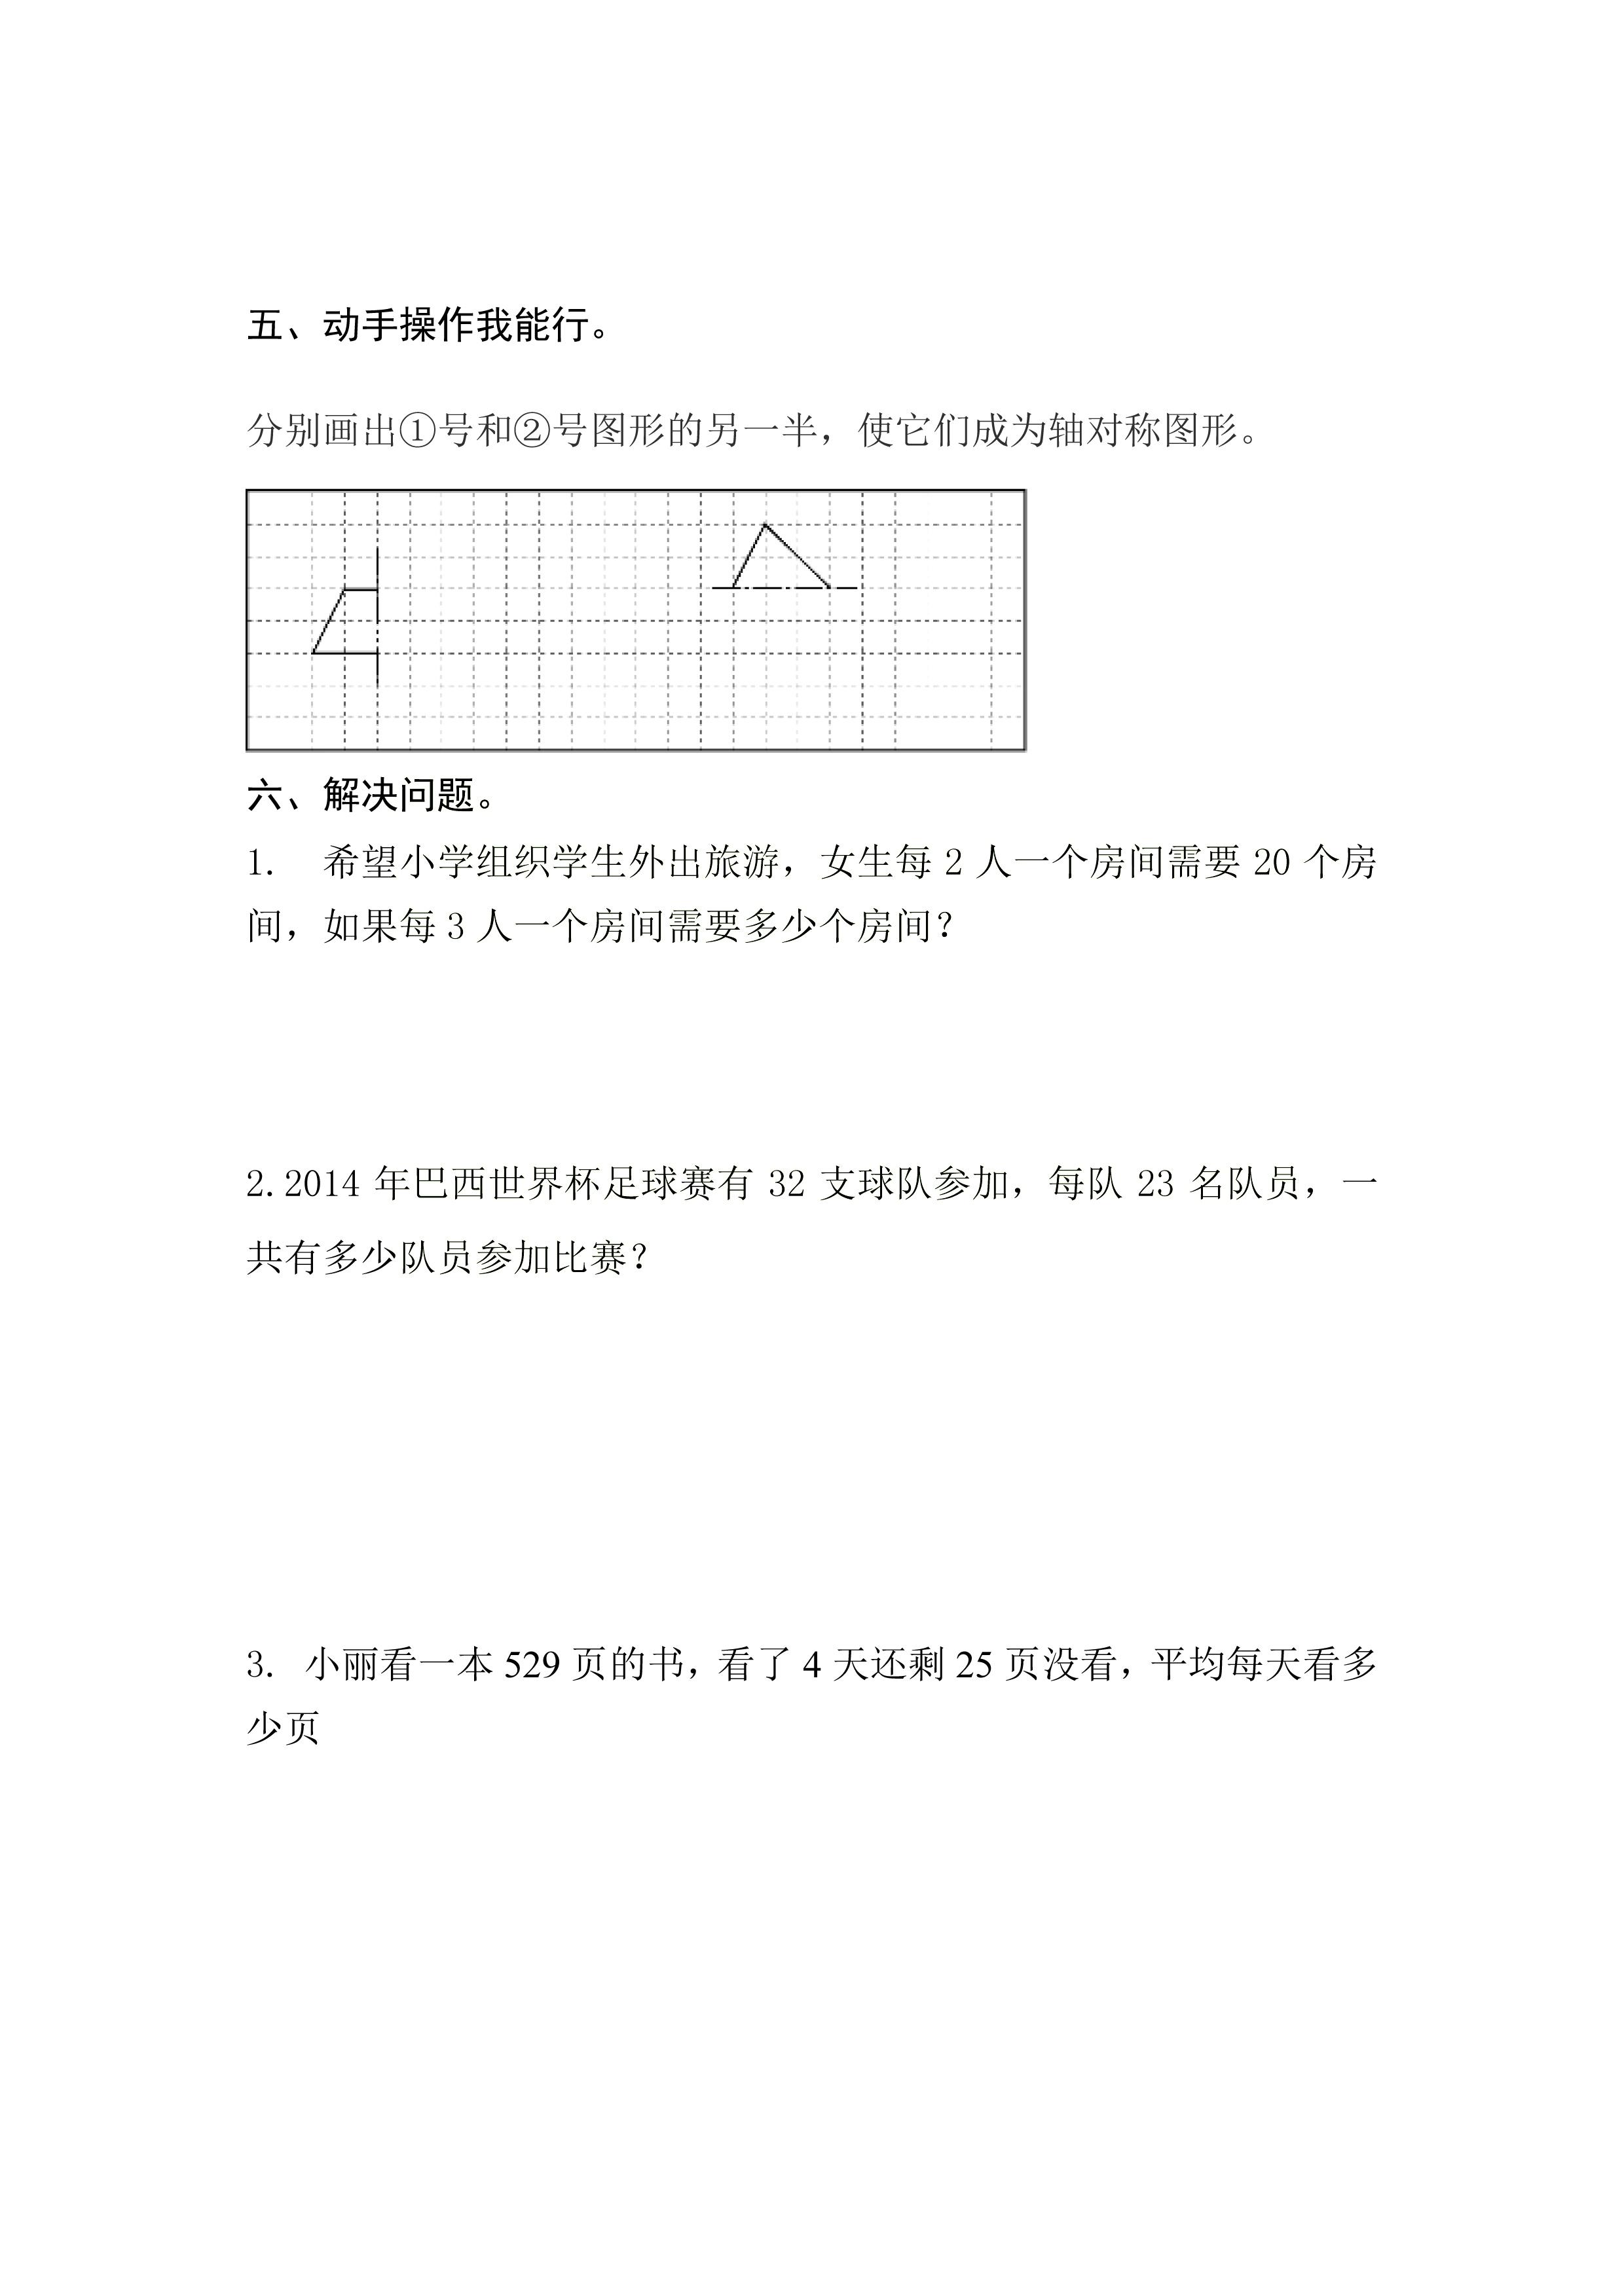 三年级下册数学期末教学质量检测-3.jpg